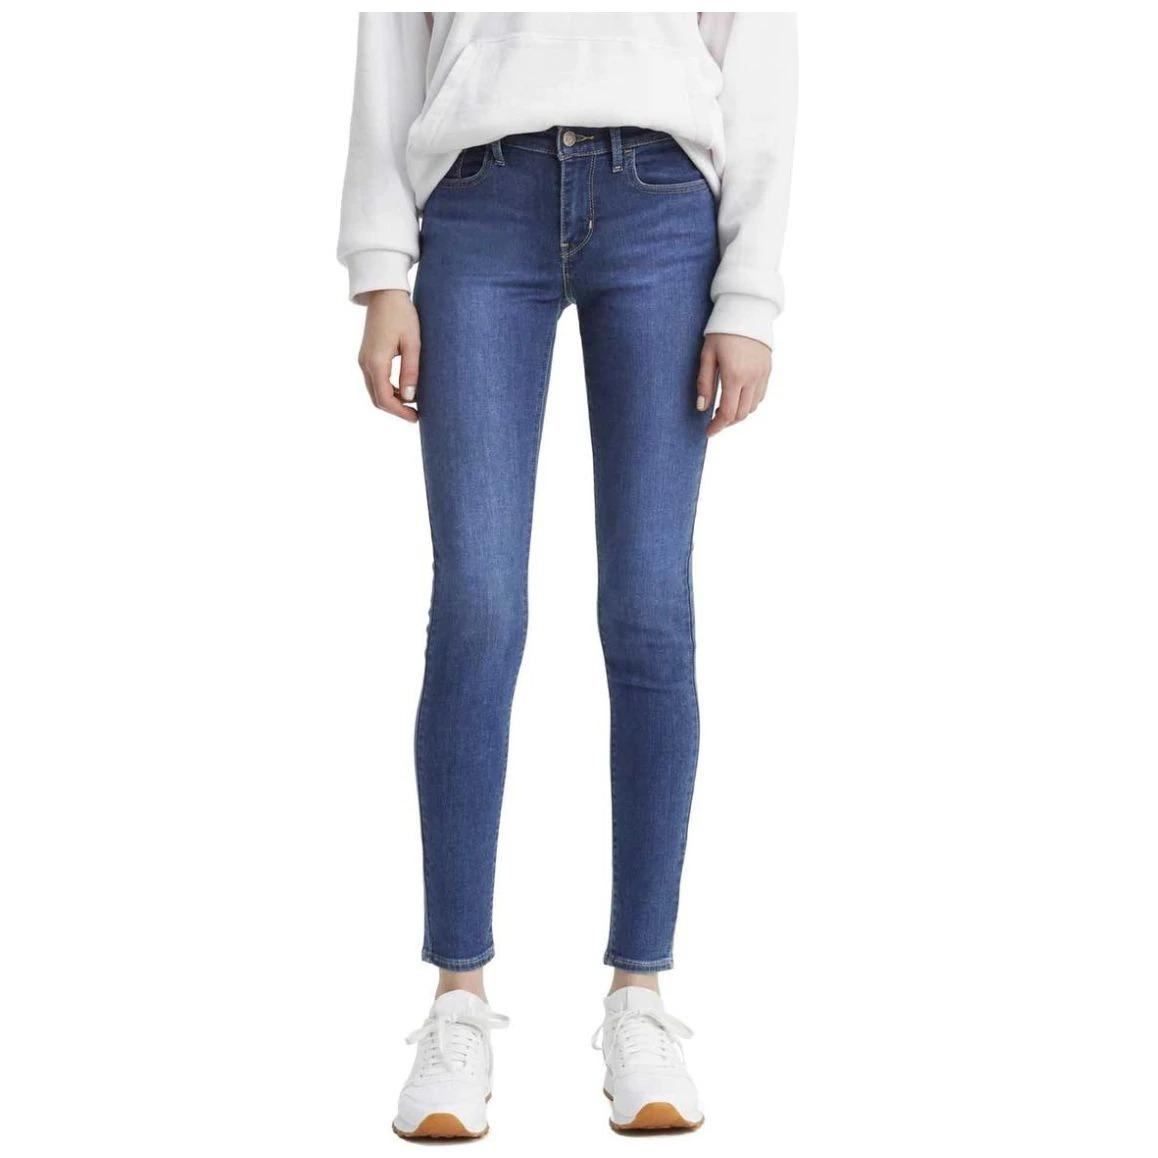 Với ngành hàng thời trang, Levis tung ưu đãi cho sản phẩm quần jeans nữ Super Skinny 710, đáp ứng nhu cầu shopping cho phái đẹp với mức giá giảm sâu chỉ 569.000 đồng (giá gốc đến 1,499 triệu đồng).  Phom quần skinny ôm sát khoe khéo các đường cong quyến rũ và chân thon dài. Chất jeans co giãn tạo cảm giác thoải mái cho người mặc. Đây là chiếc quần jeans cơ bản mà hầu như chị em nào cũng phải sở hữu ít nhất một cái trong tủ, dễ phối với nhiều kiểu áo, đa dạng phong cách từ cá tính đến thanh lịch.